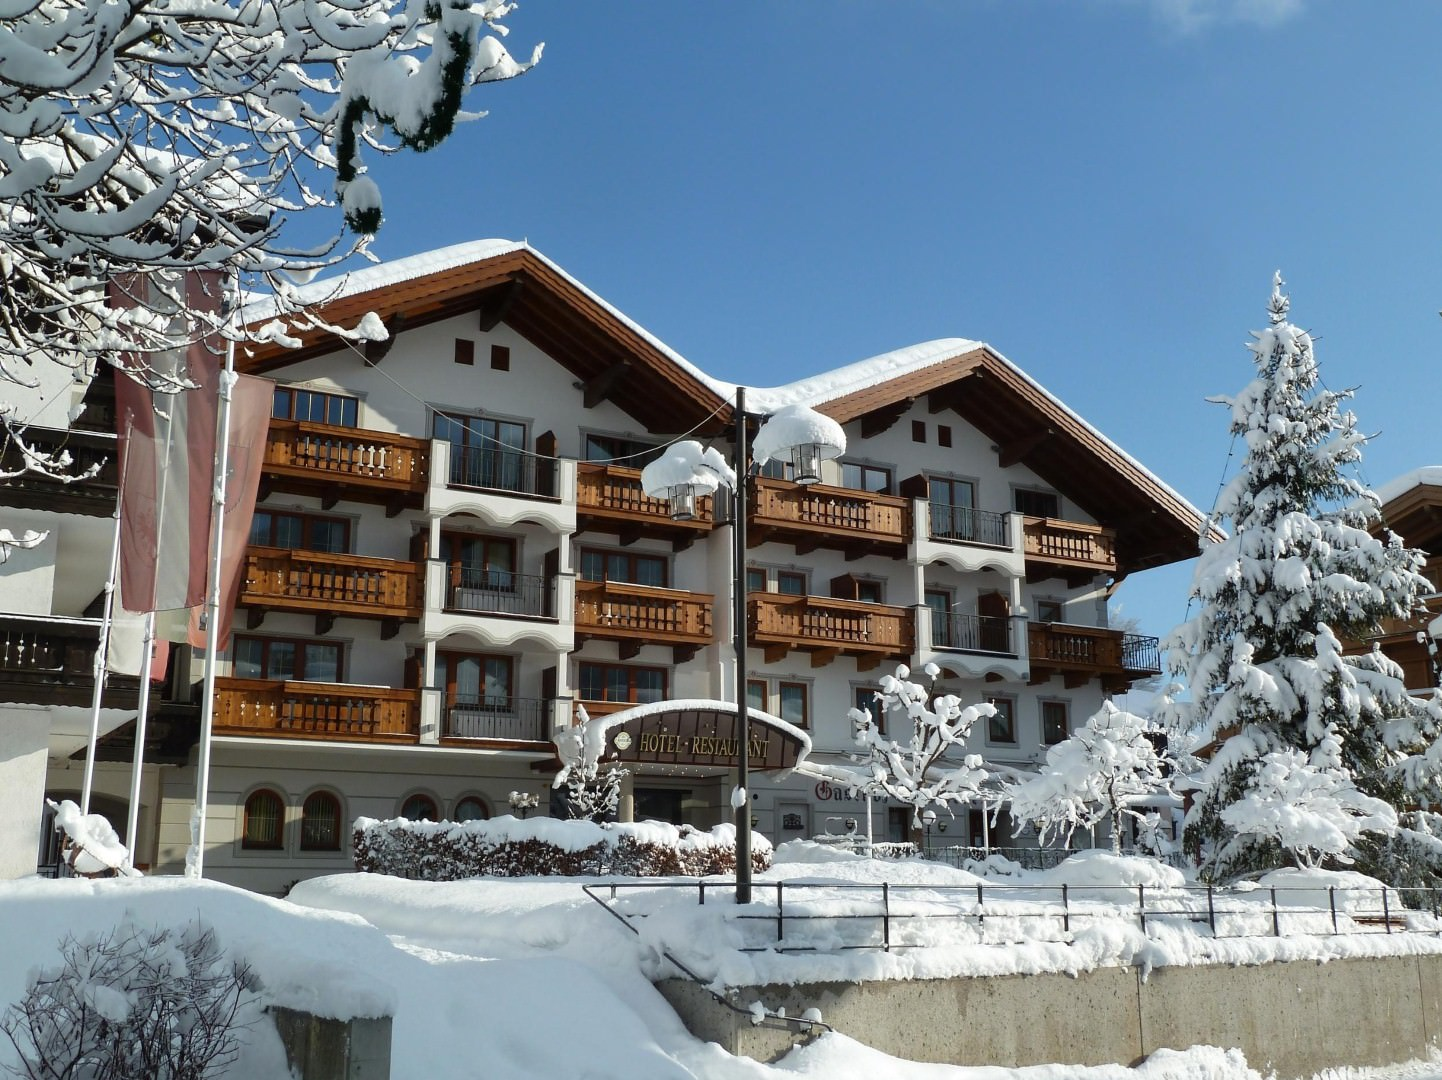 Hotel Wirtshaus Post St Johann